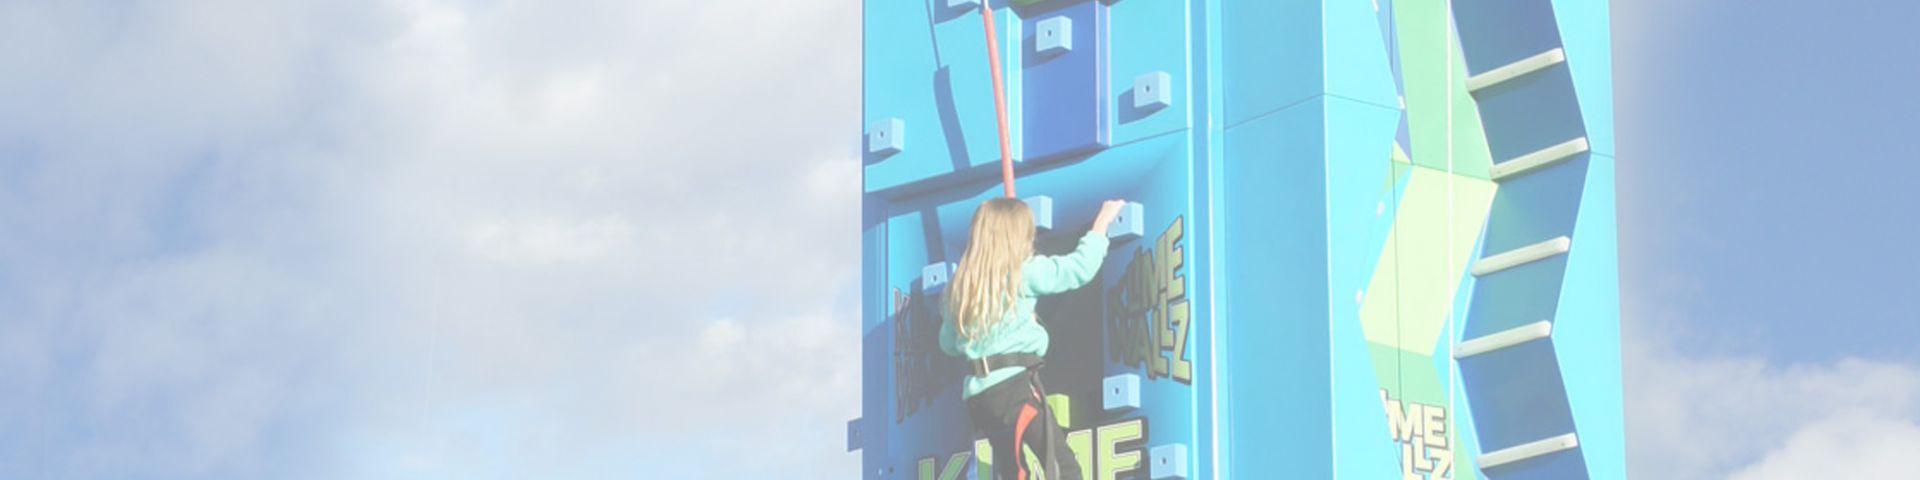 waller climber